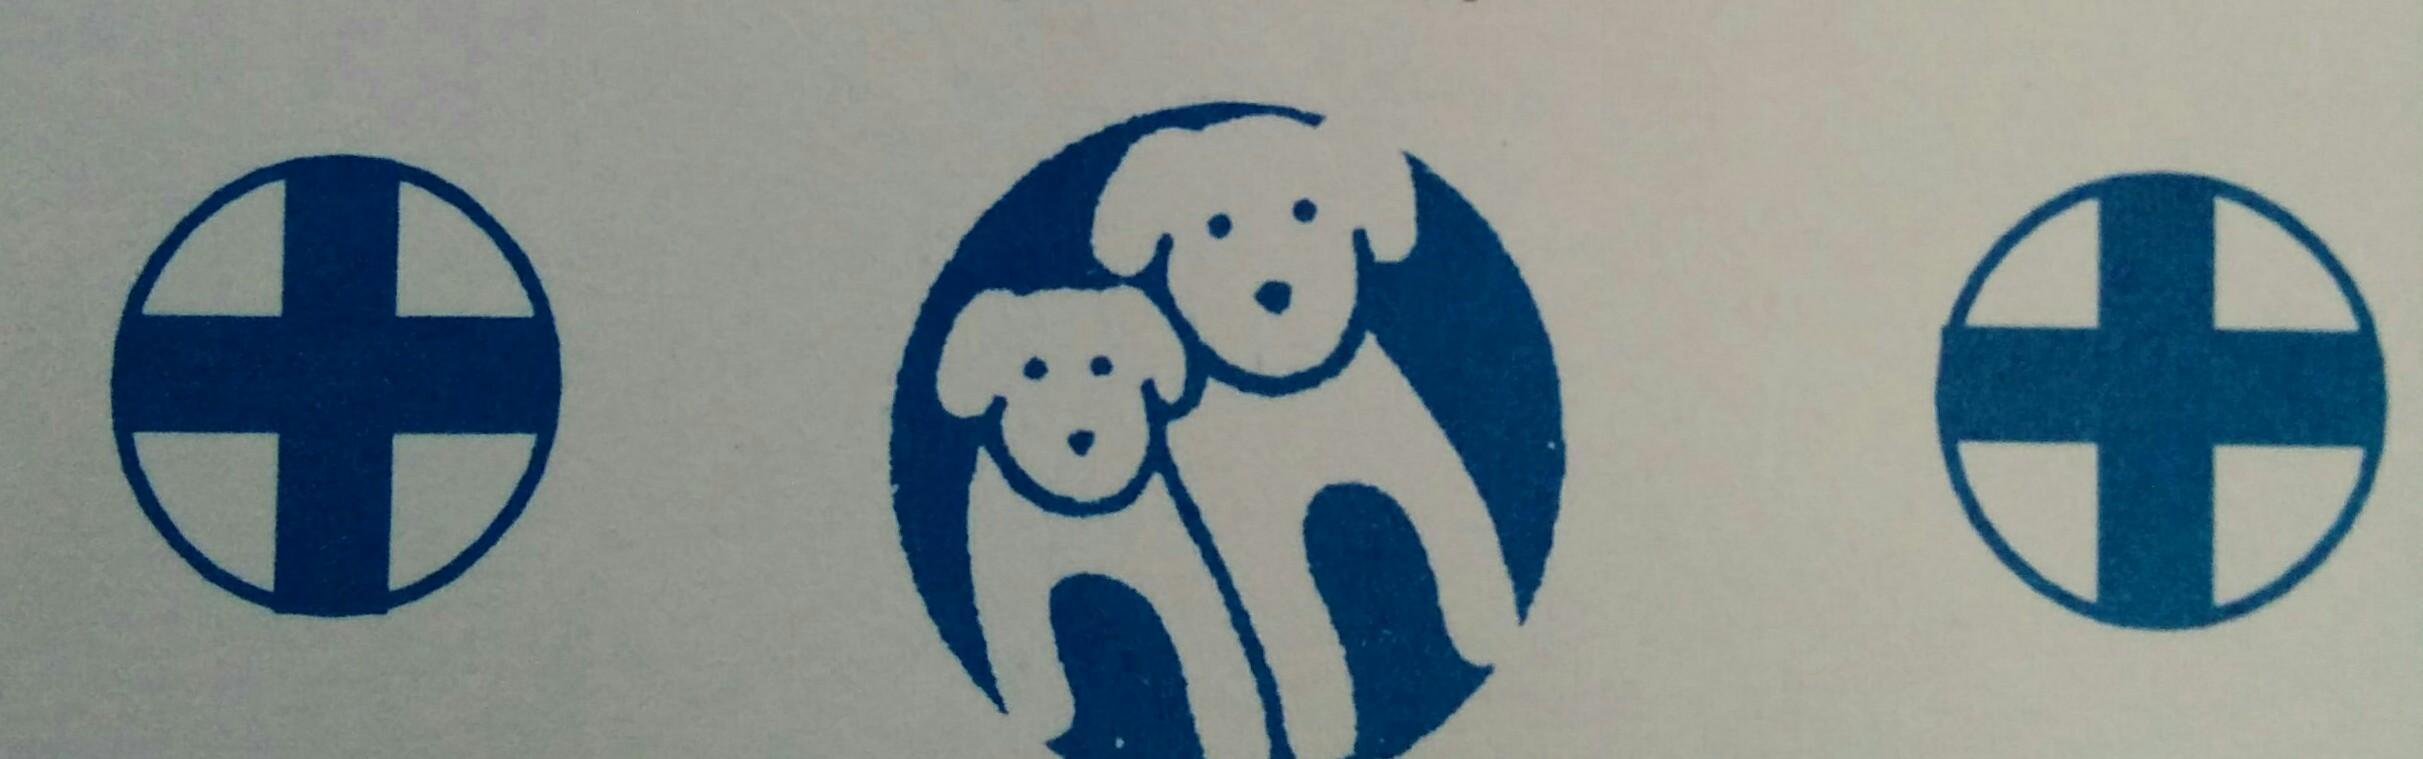 Prajna Veterinary Clinic